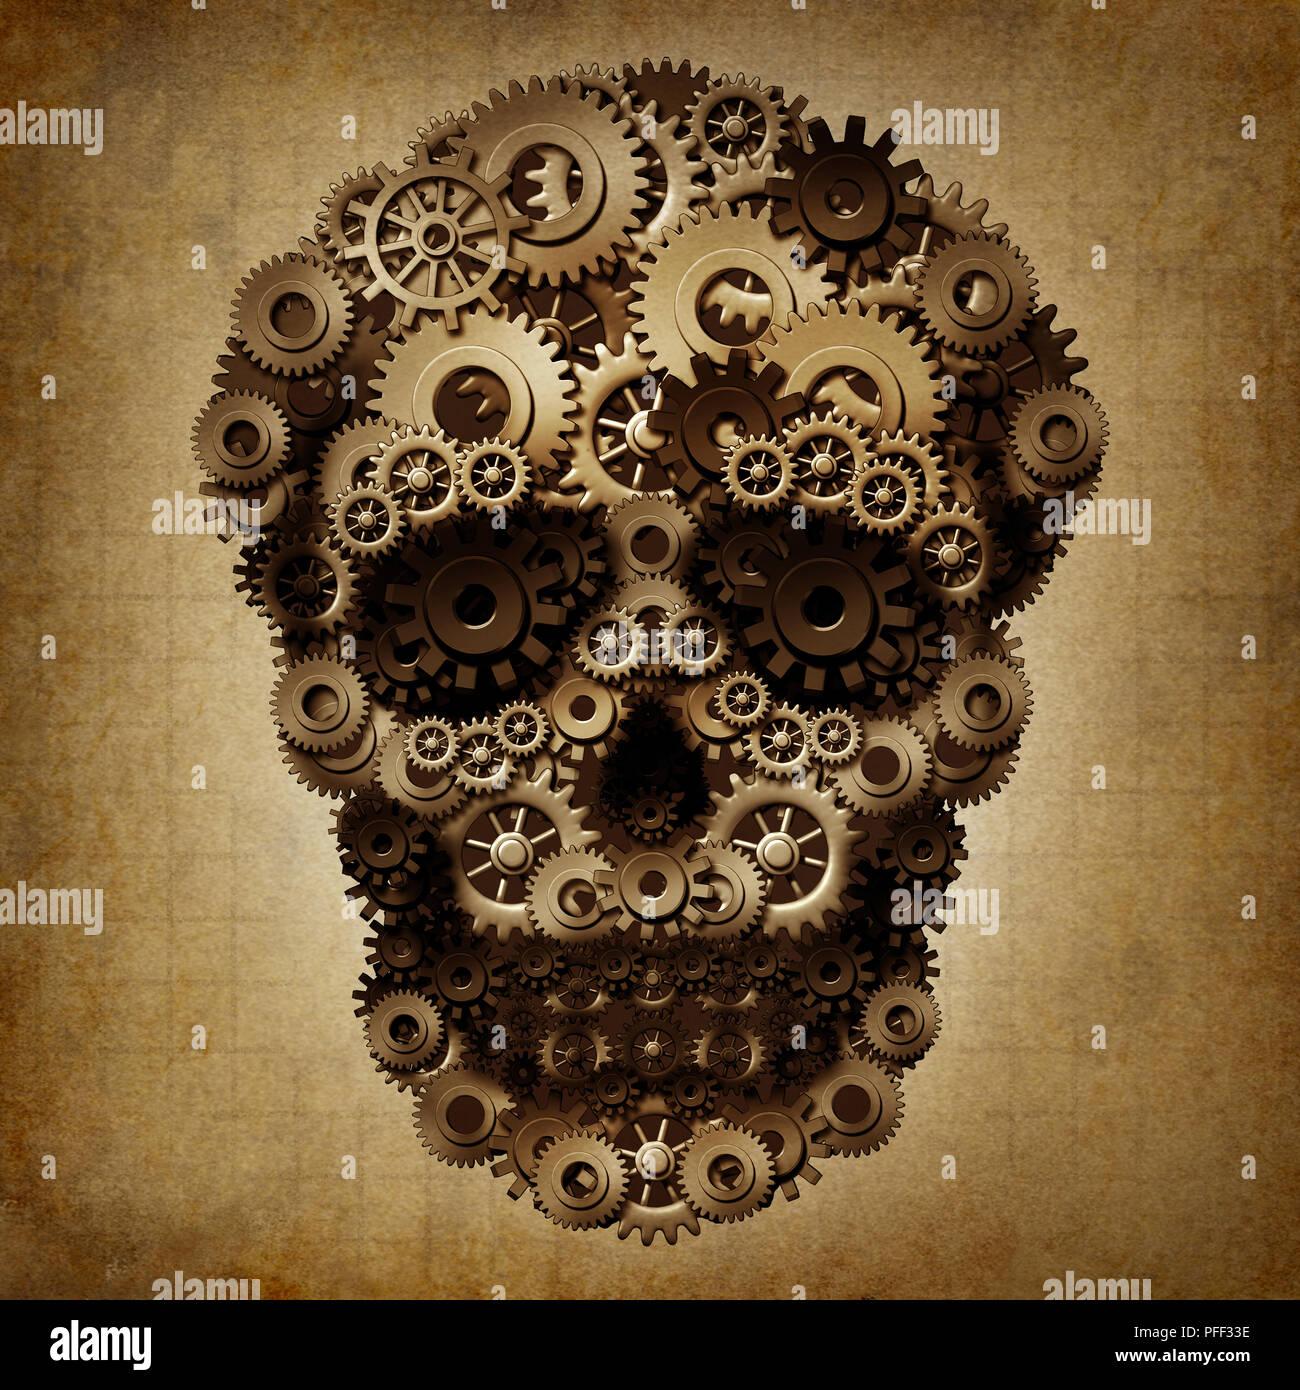 Skull Gang grunge als Gruppe von Zahnrädern als Steampunk oder Steam Punk Tod Skelett als vintage Technologie Gefahrensymbol geprägt. Stockbild